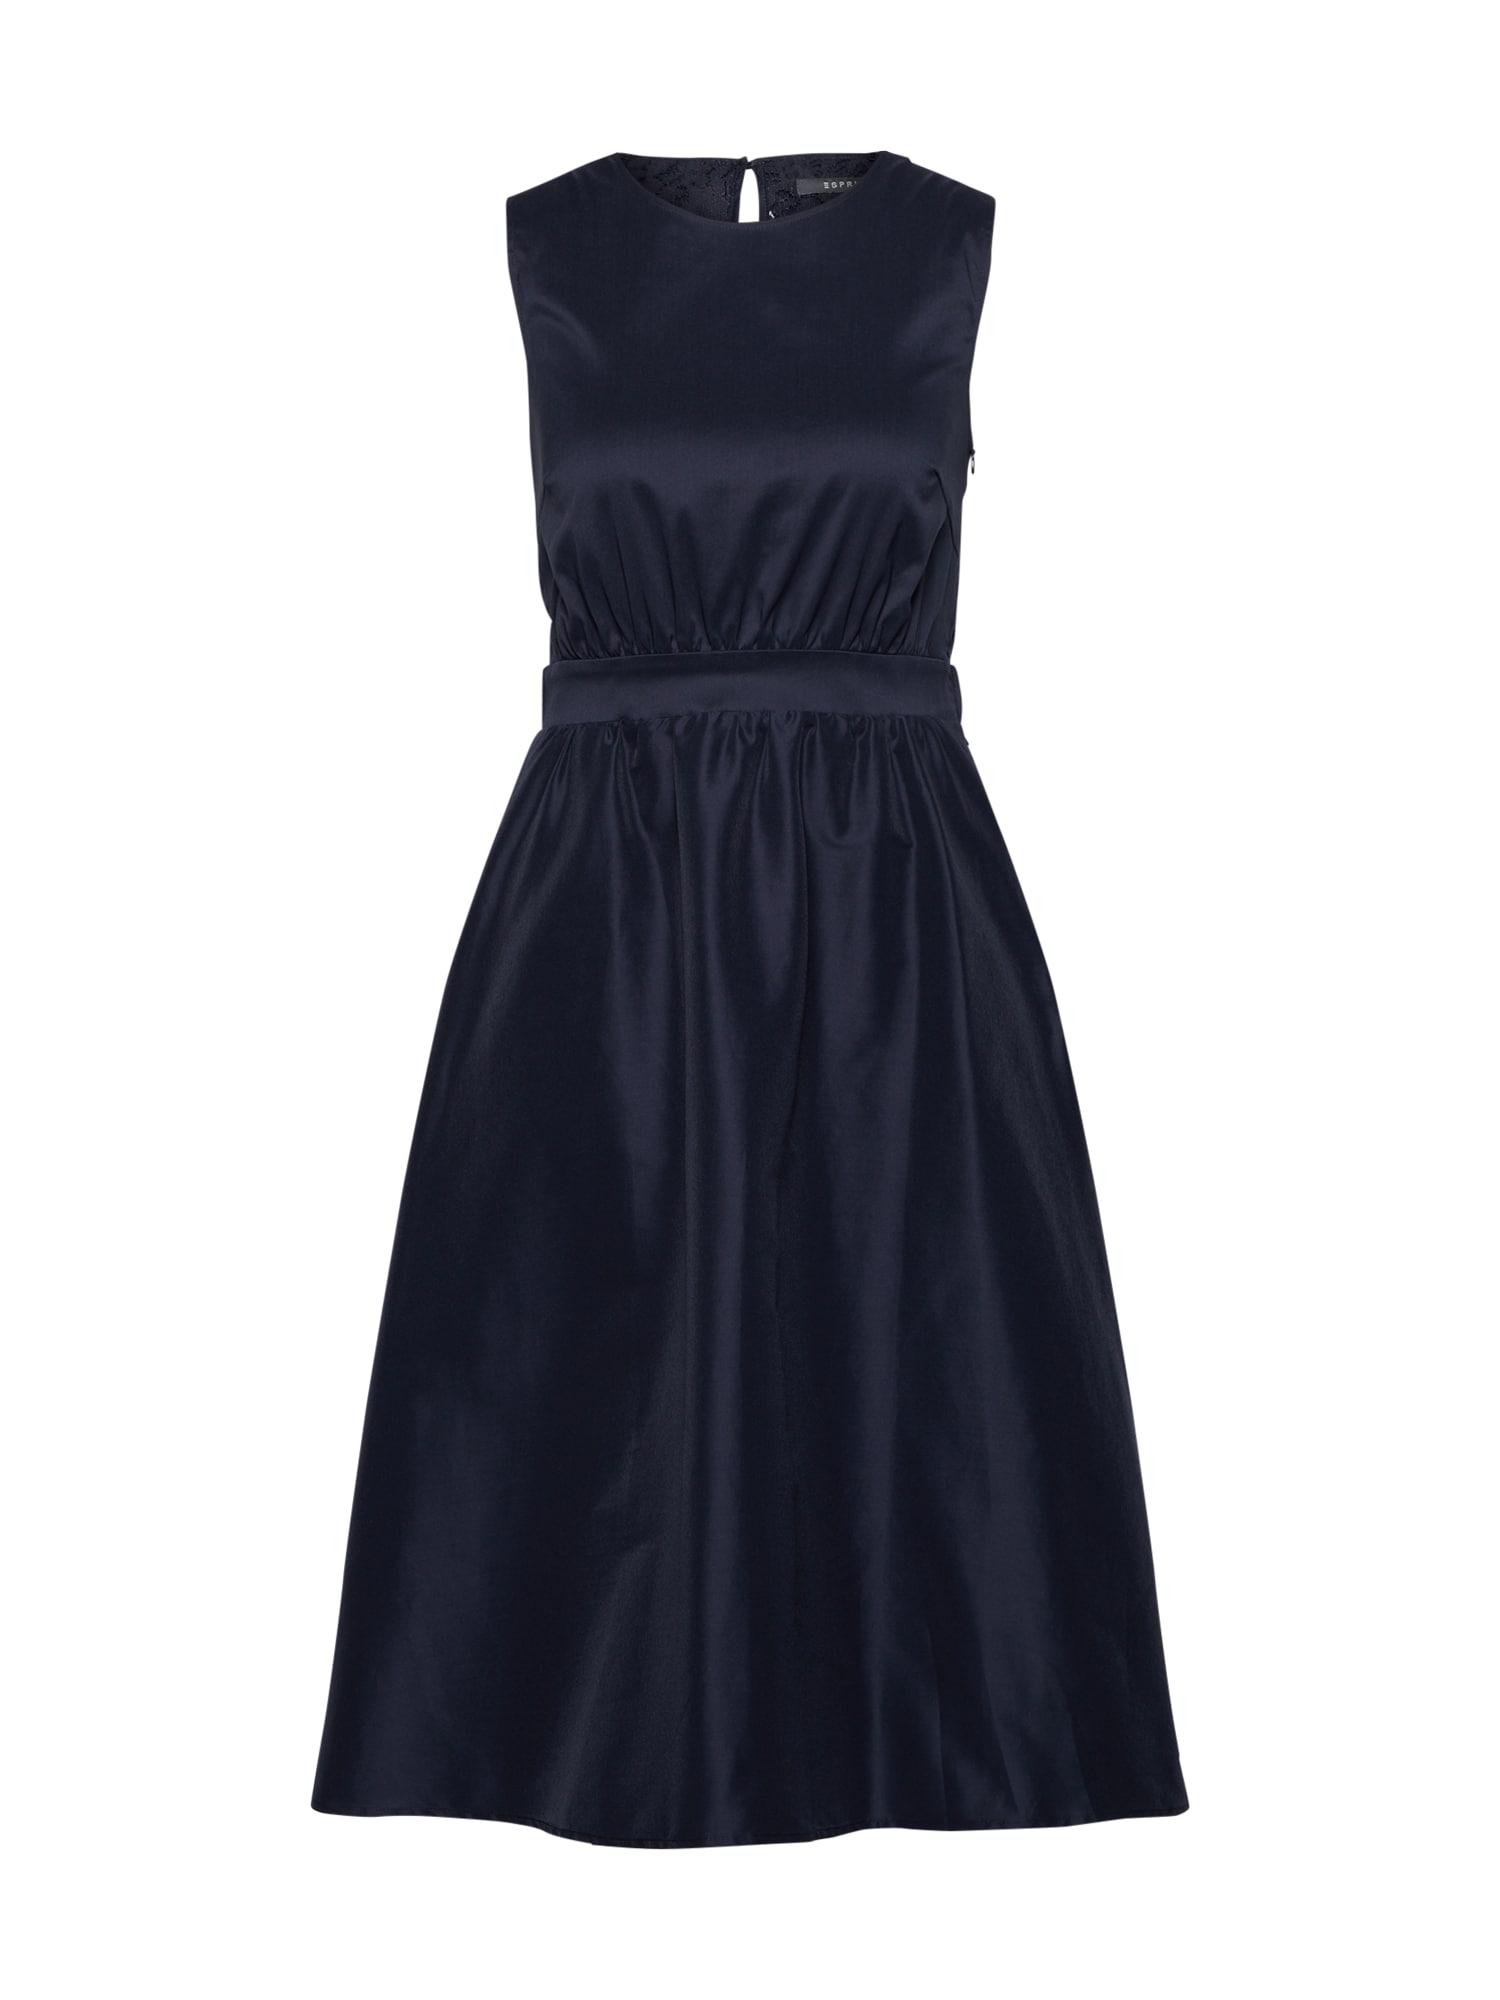 Šaty Silky Shine námořnická modř Esprit Collection